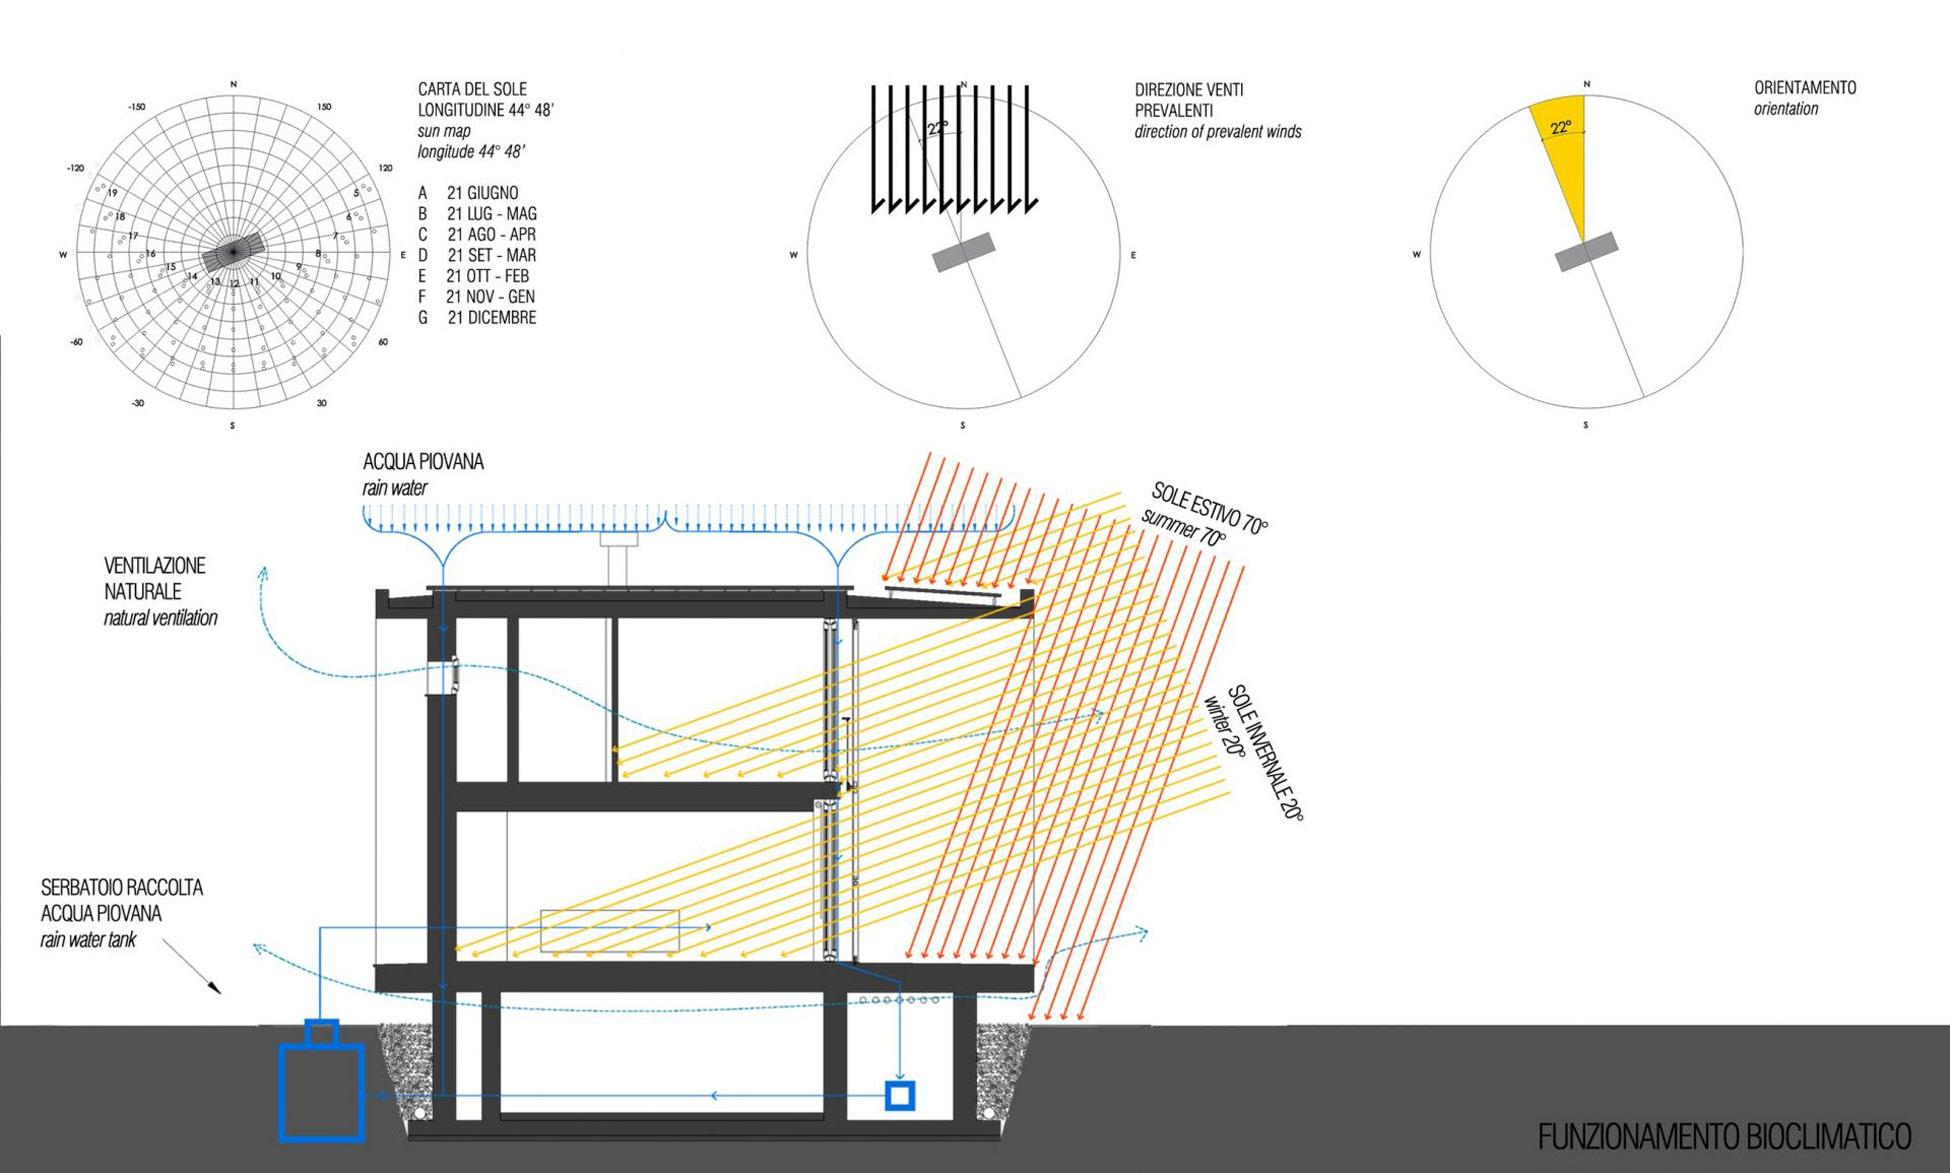 Eco Systems Diagram, Modern Eco-Friendly Home in Castelnovo di Sotto, Italy